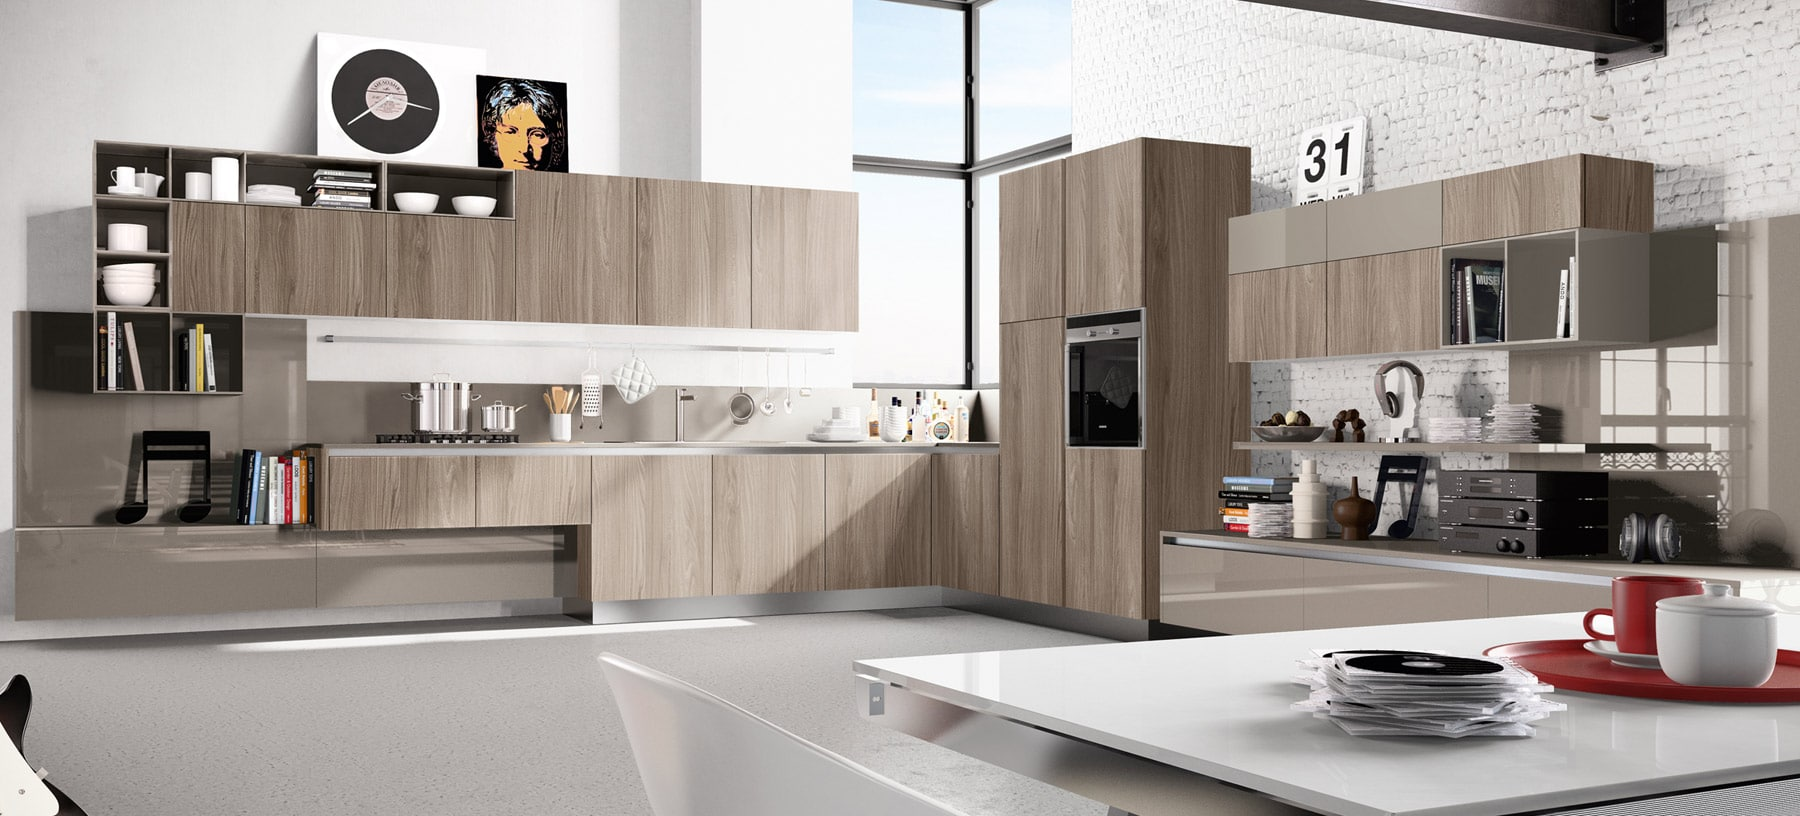 de cocina de madera en color natural destaca la textura y color de  #977134 1800 816